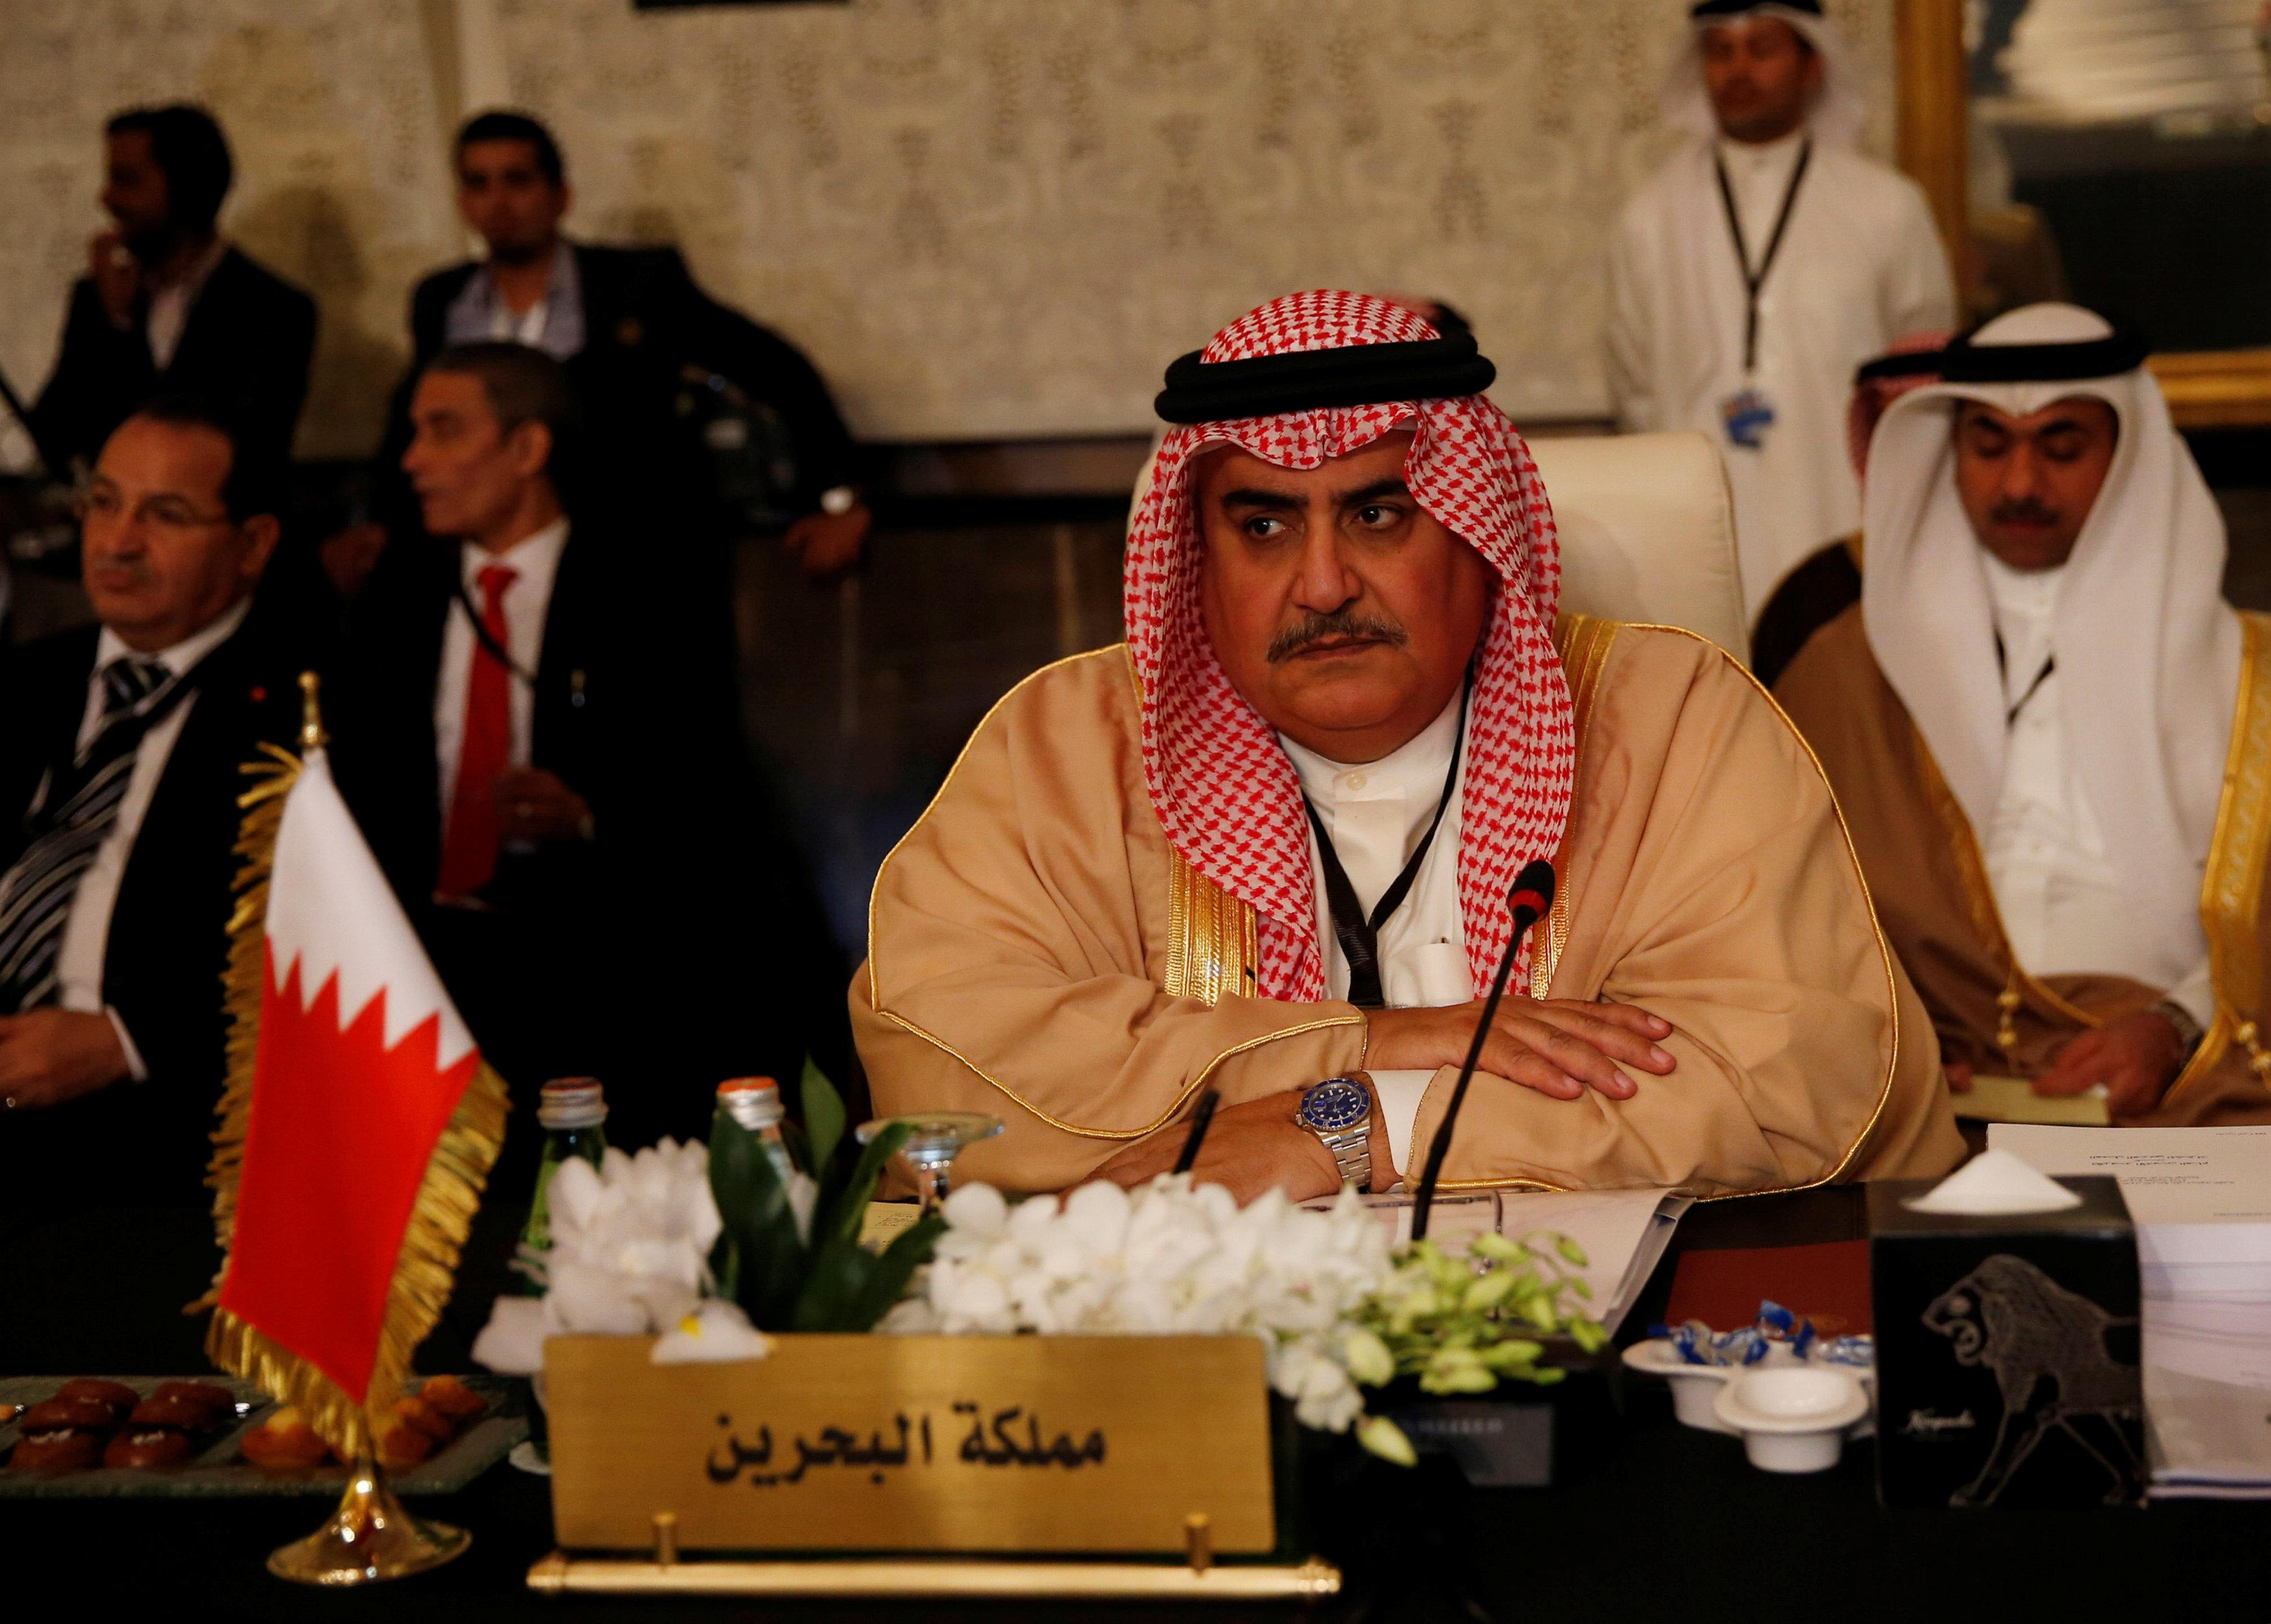 وزير الخارجية البحريني خالد بن أحمد آل خليفة